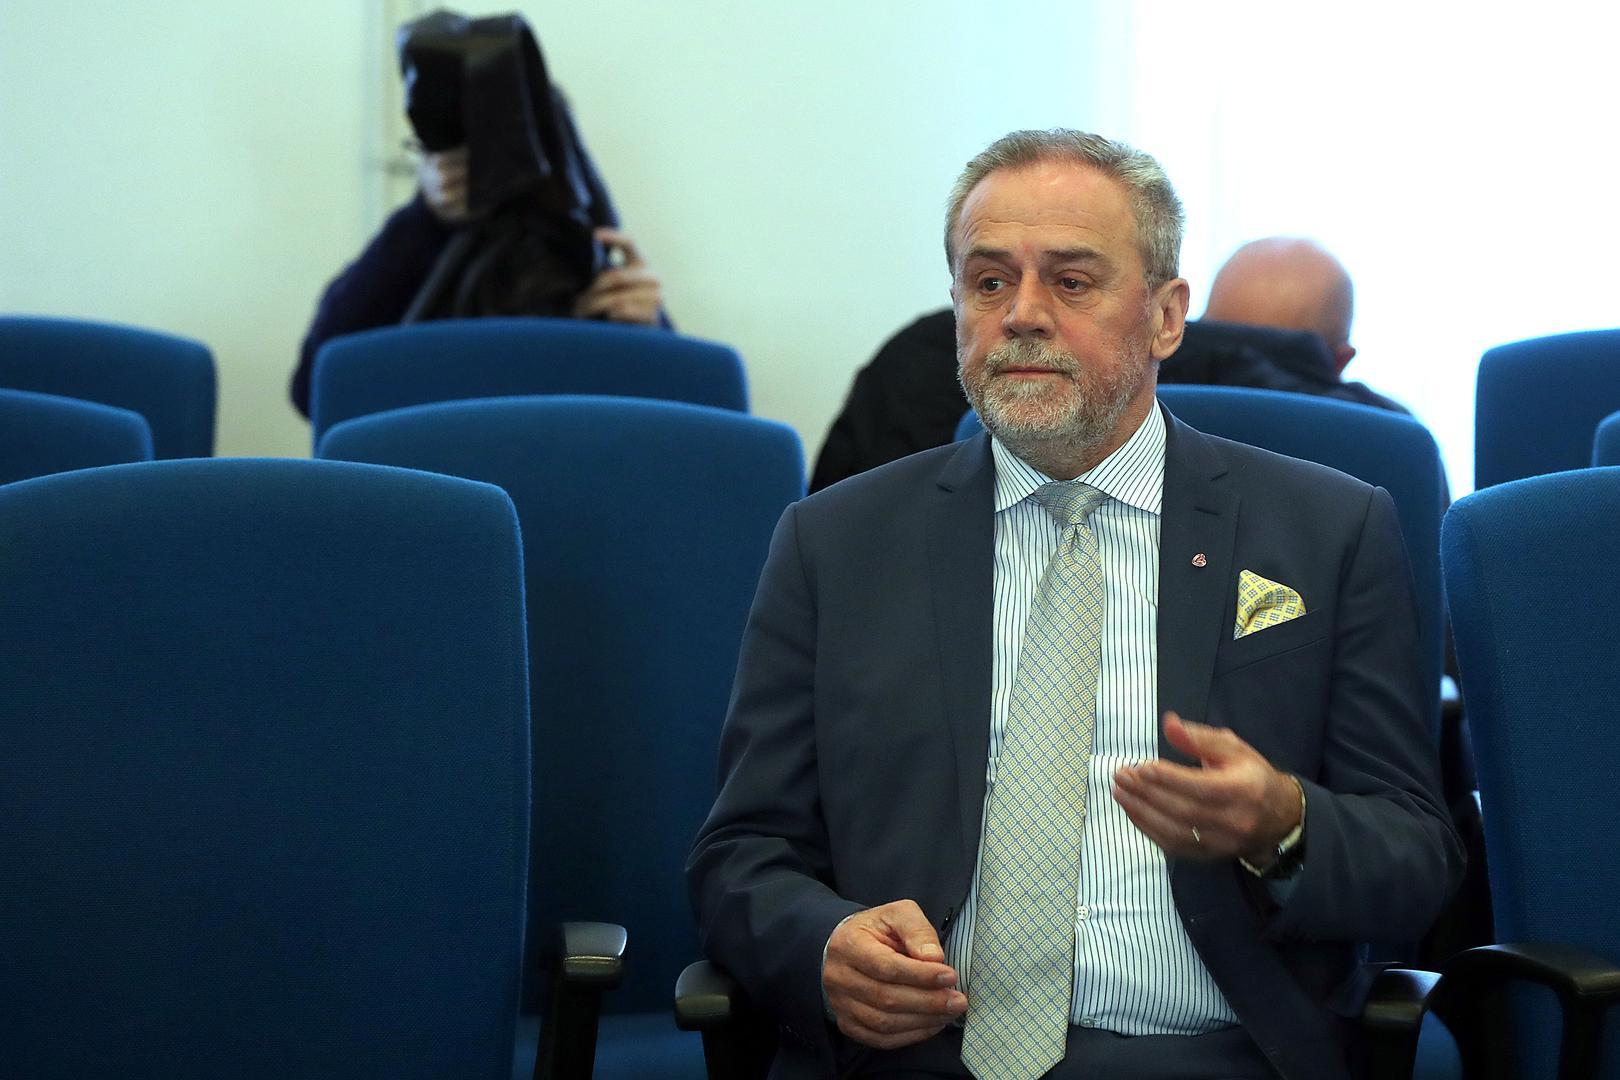 Bandić se izjasnio o optužnici, kaže da se ne smatra krivim